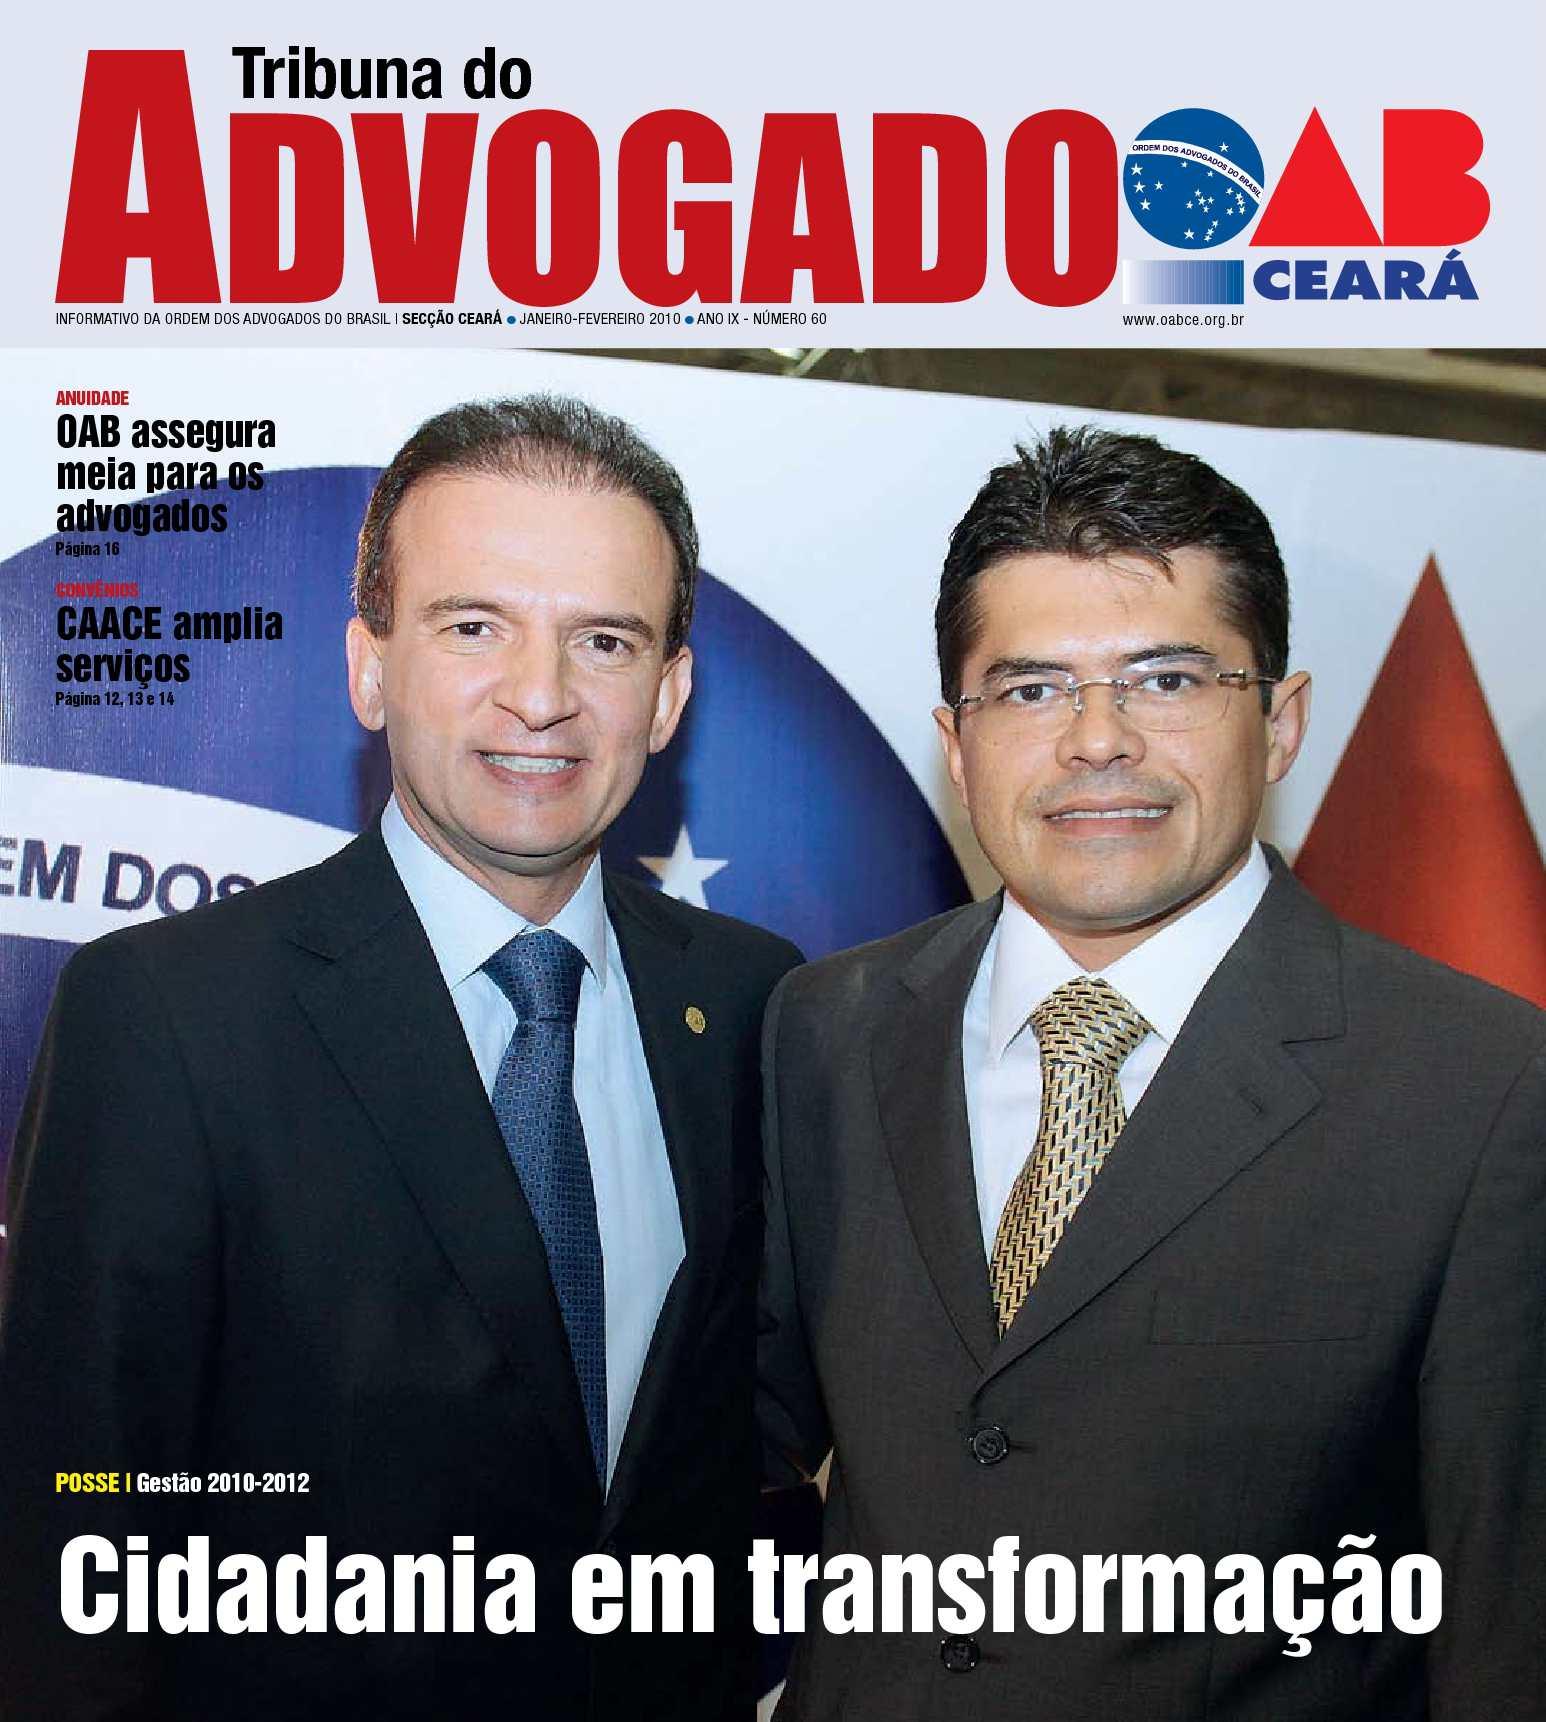 Calaméo - Tribuna do Advogado OAB-CE - Janeiro Fevereiro 2010 033178695b